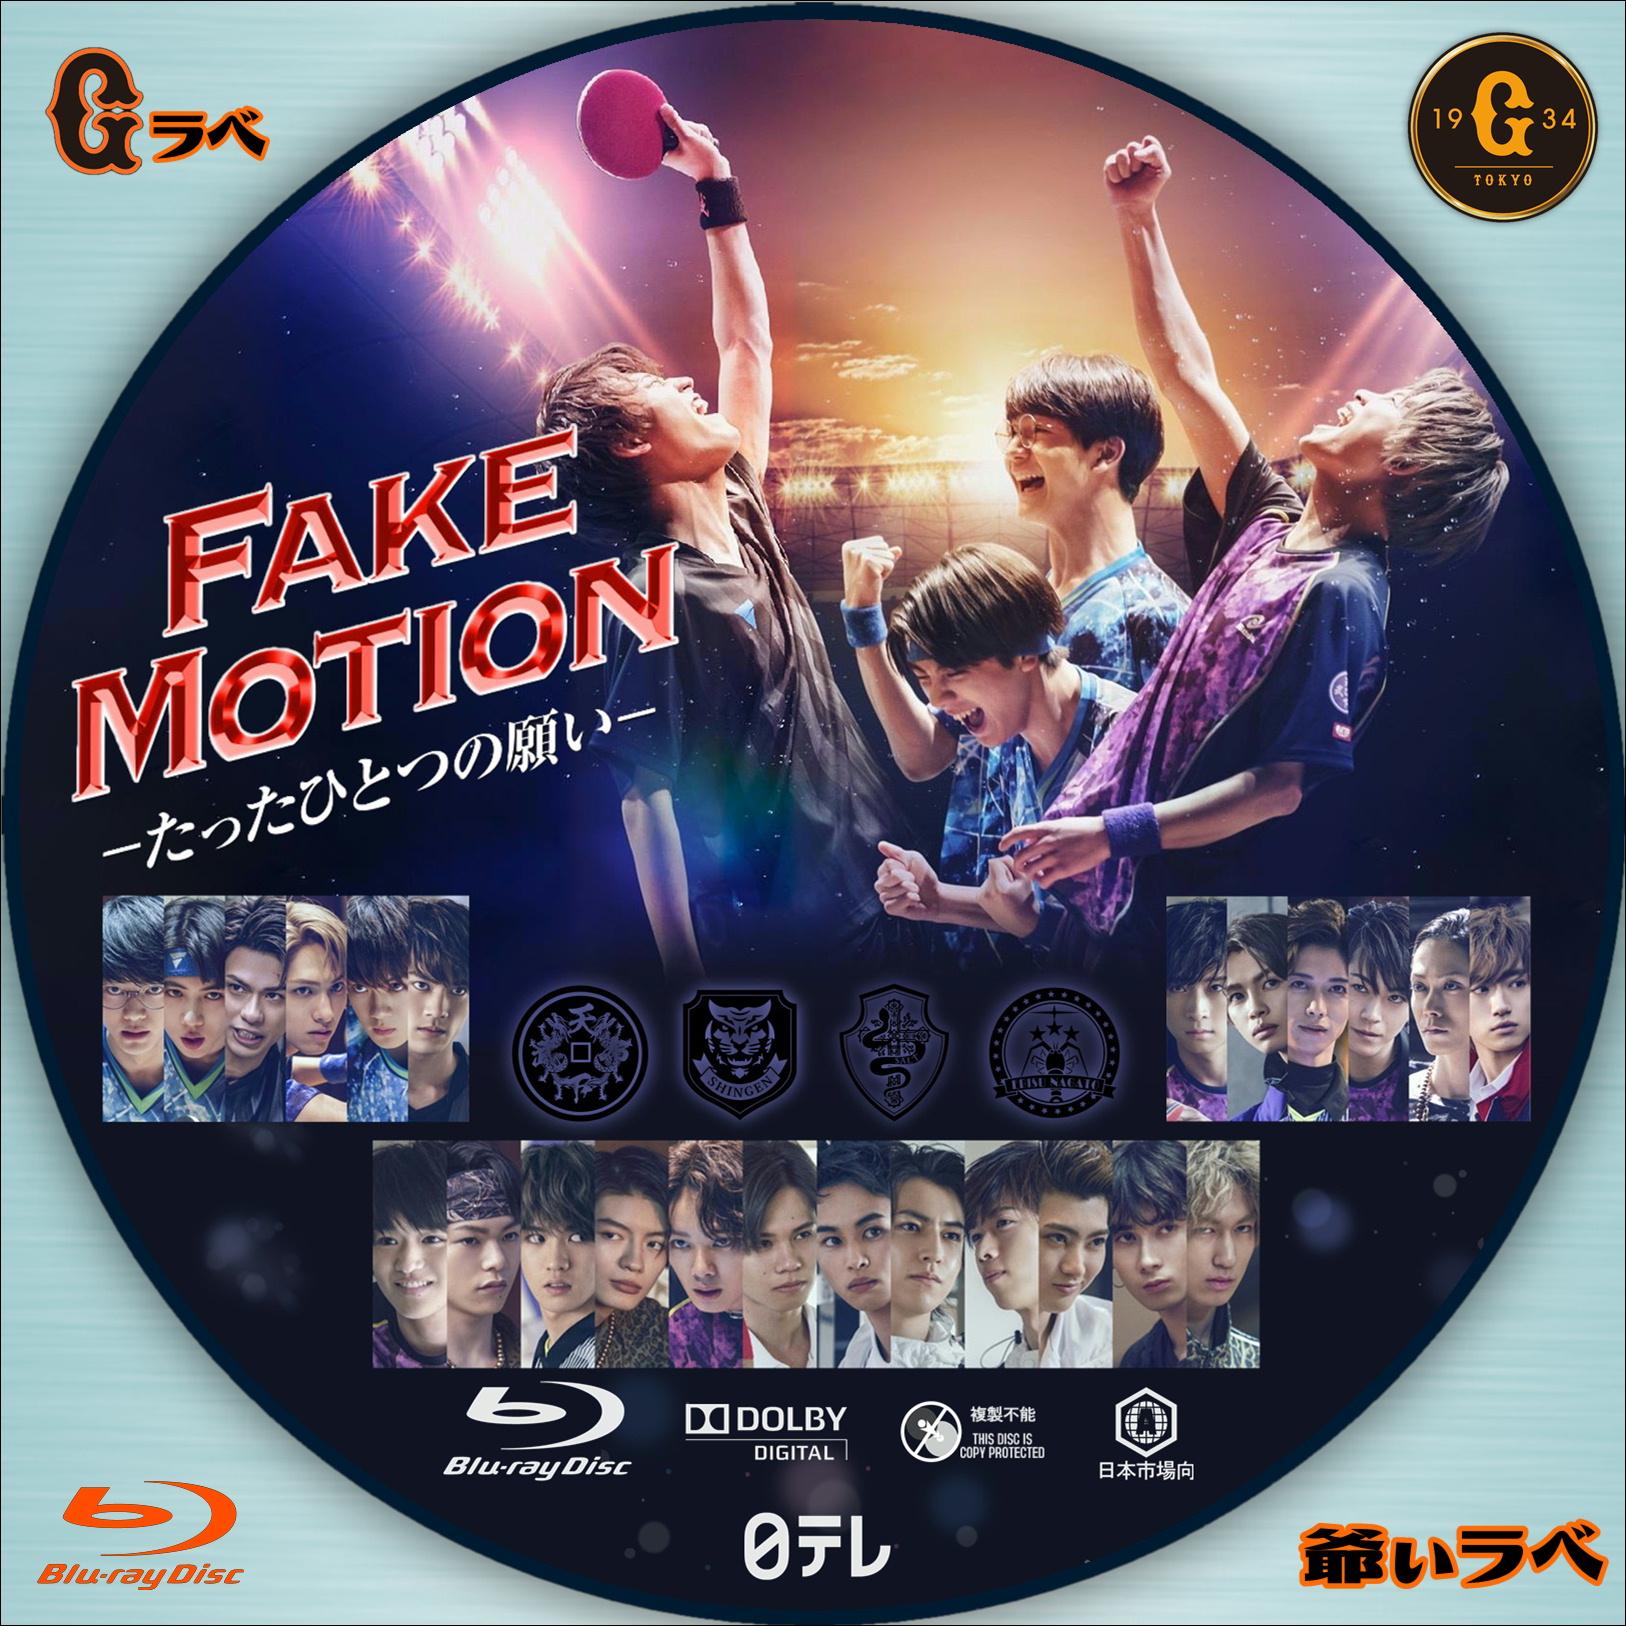 FAKE MOTION-たったひとつの願い-(Blu-ray)